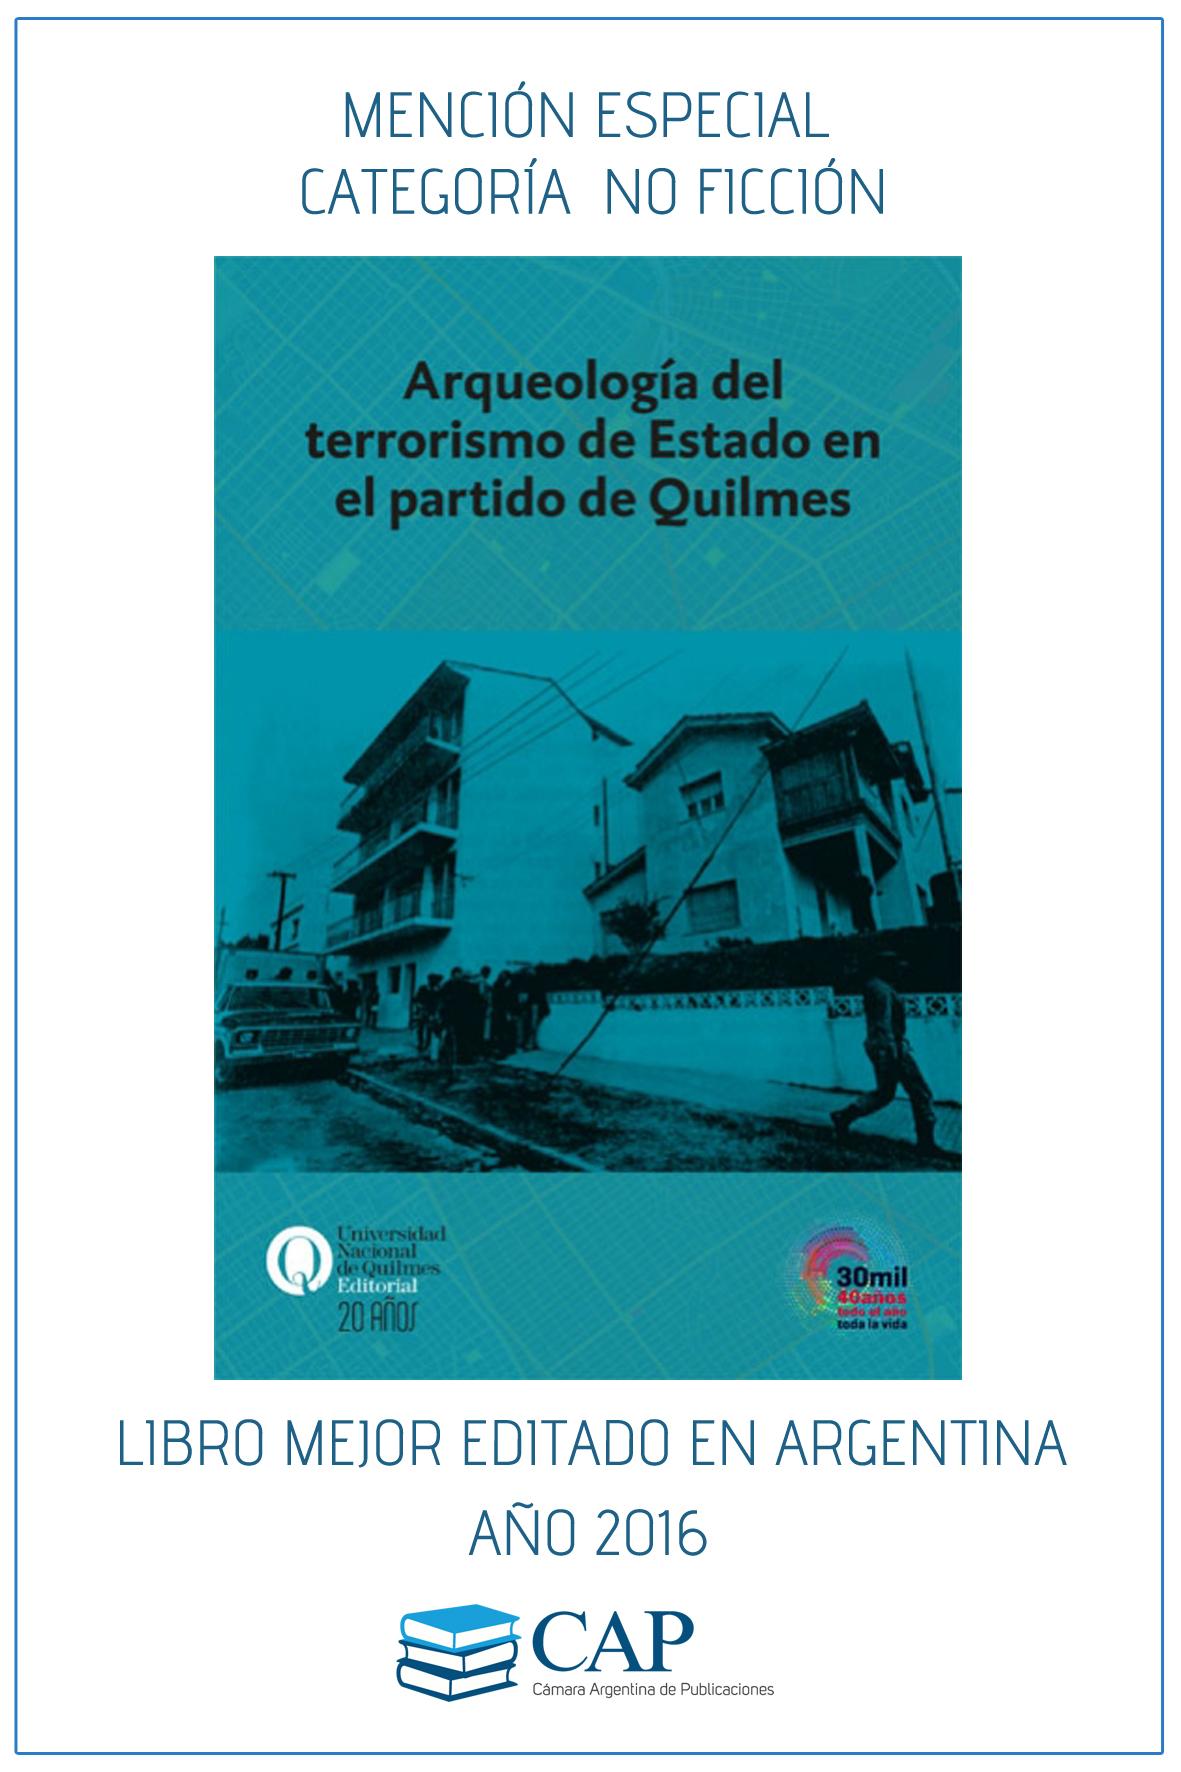 """Premian a """"Arqueología del terrorismo…"""" en el Concurso Los Libros Mejor Editados en la Argentina"""